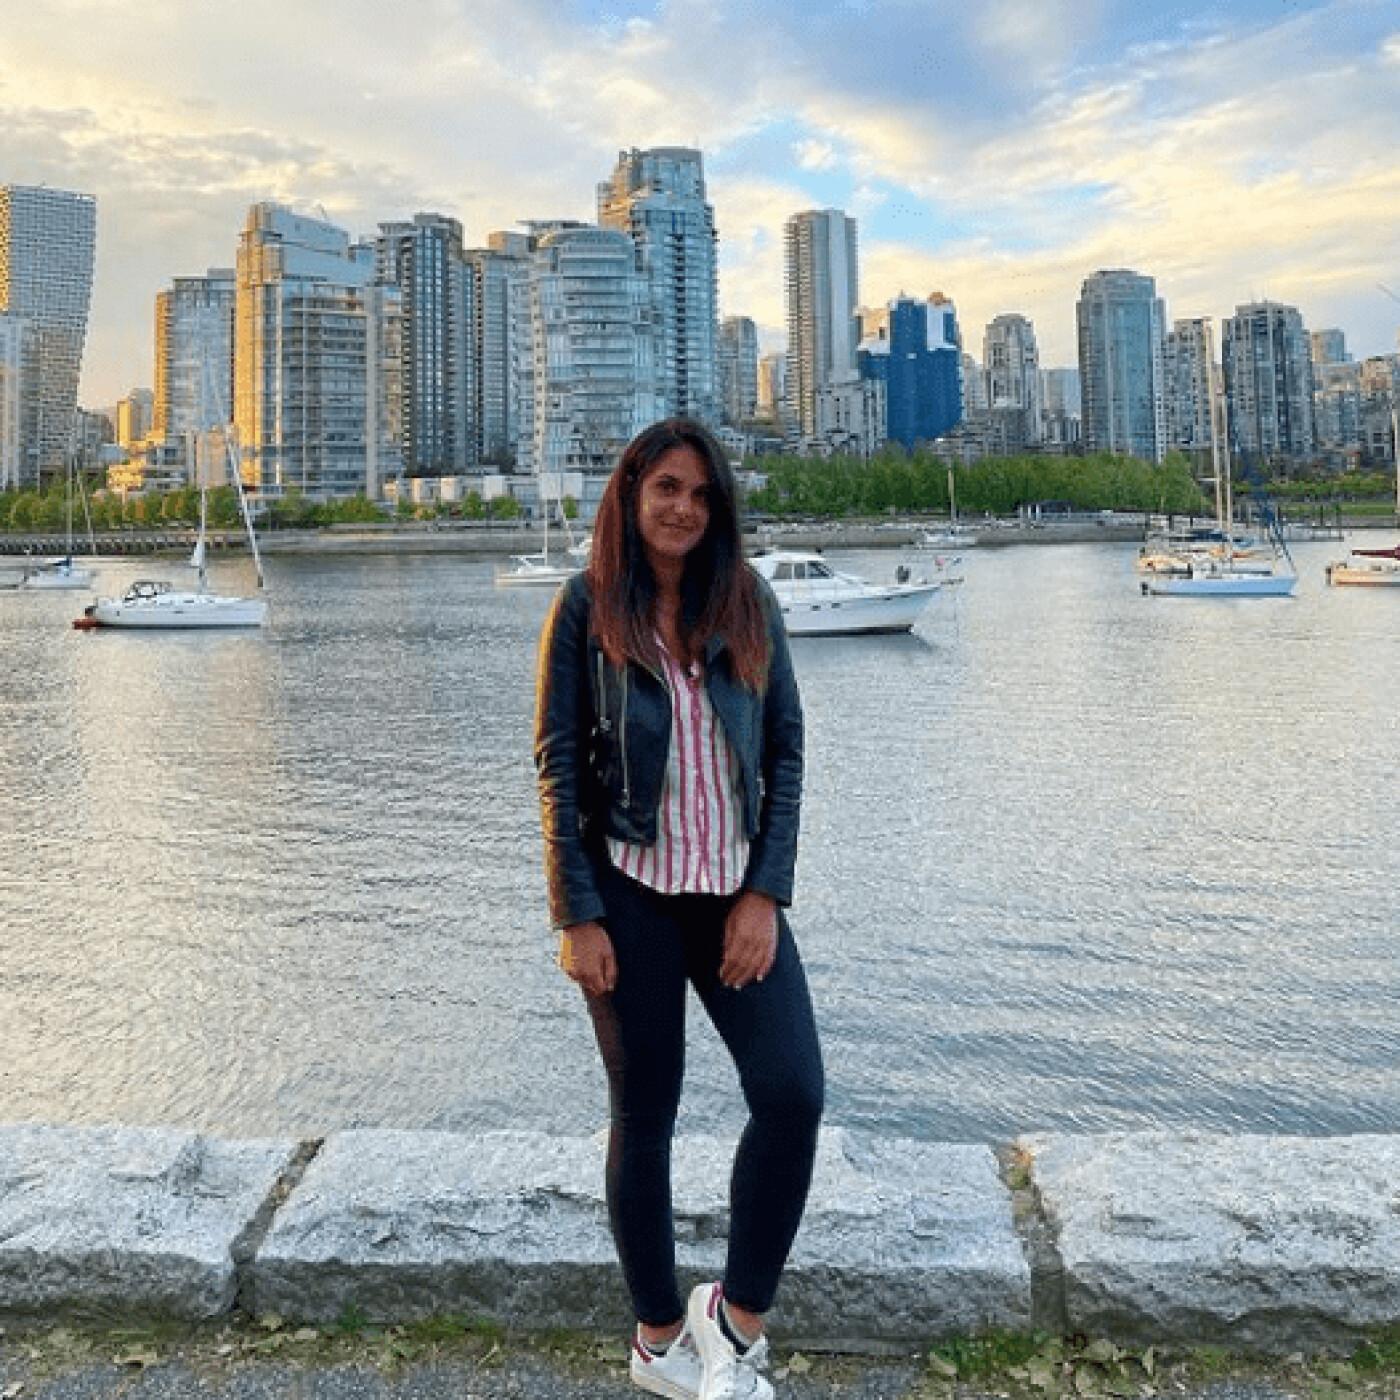 Sarah parle du dôme de chaleur à Vancouver - 30 06 2021 - StereoChic Radio